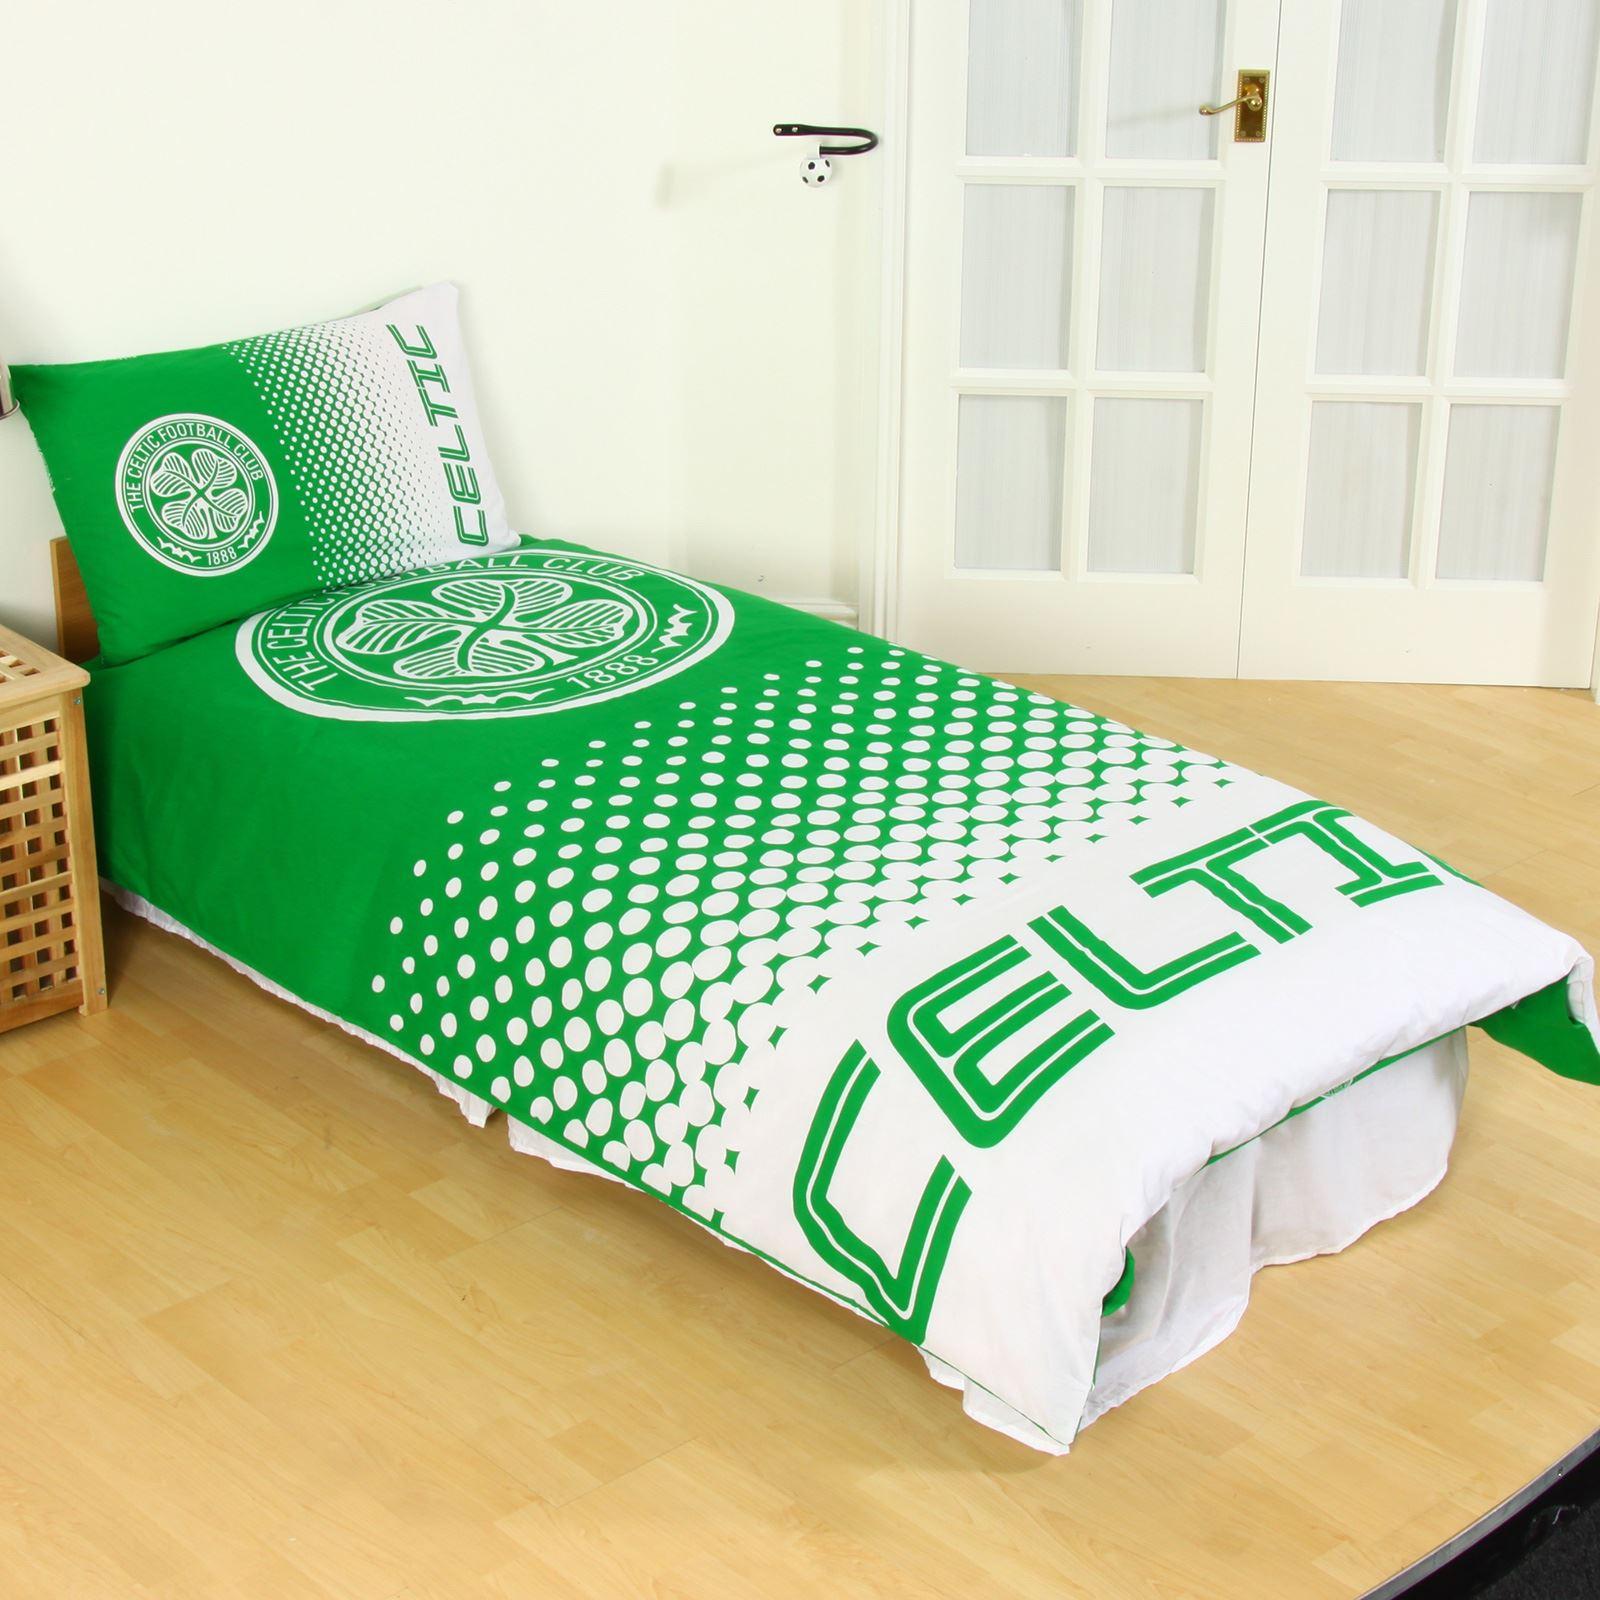 Celtic Fc Single Duvet Cover Set New Official Football